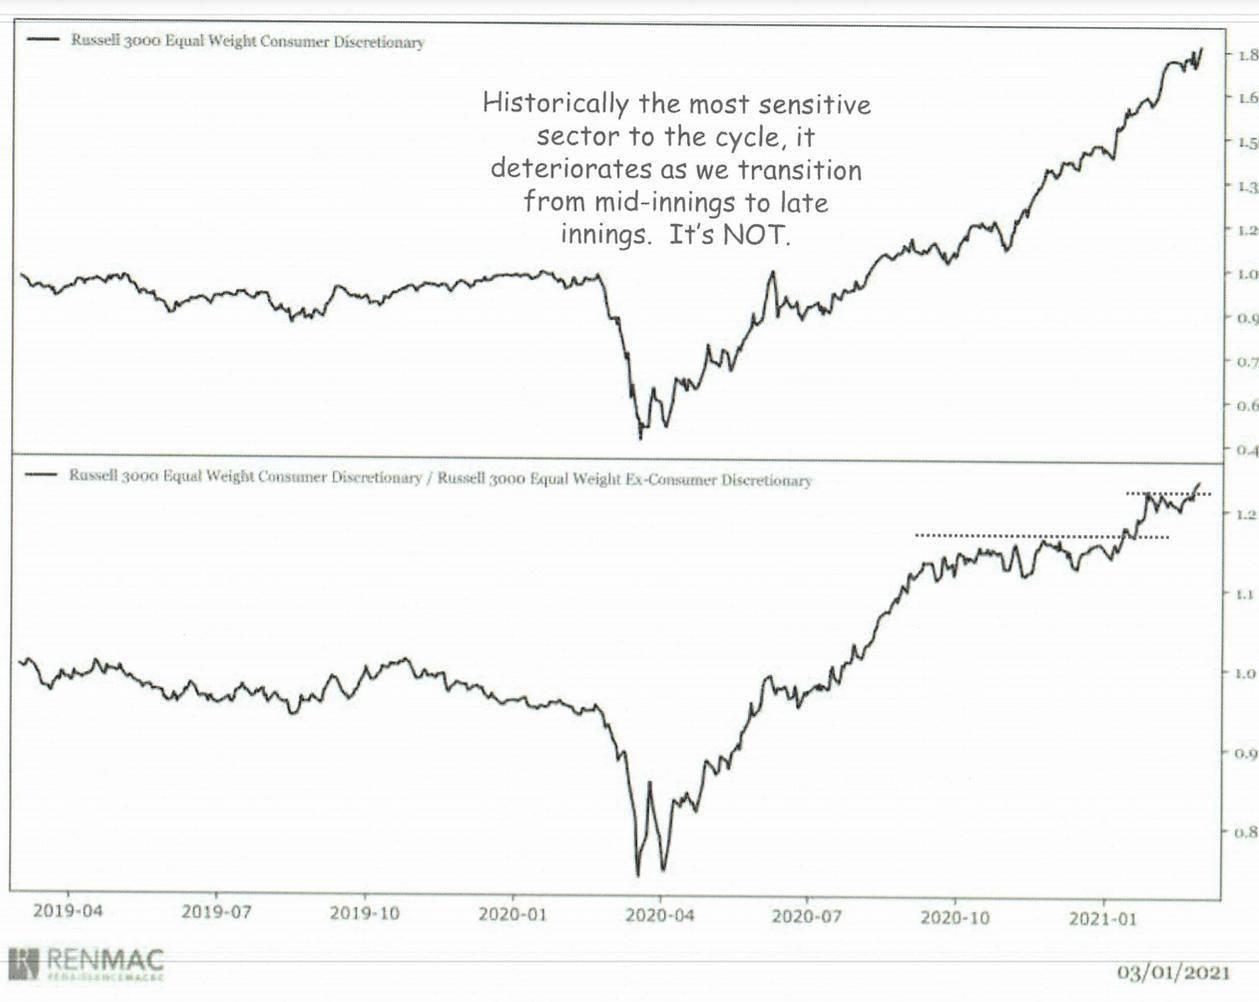 股市最敏感的板块表示股市震荡 周期还远未接近转折